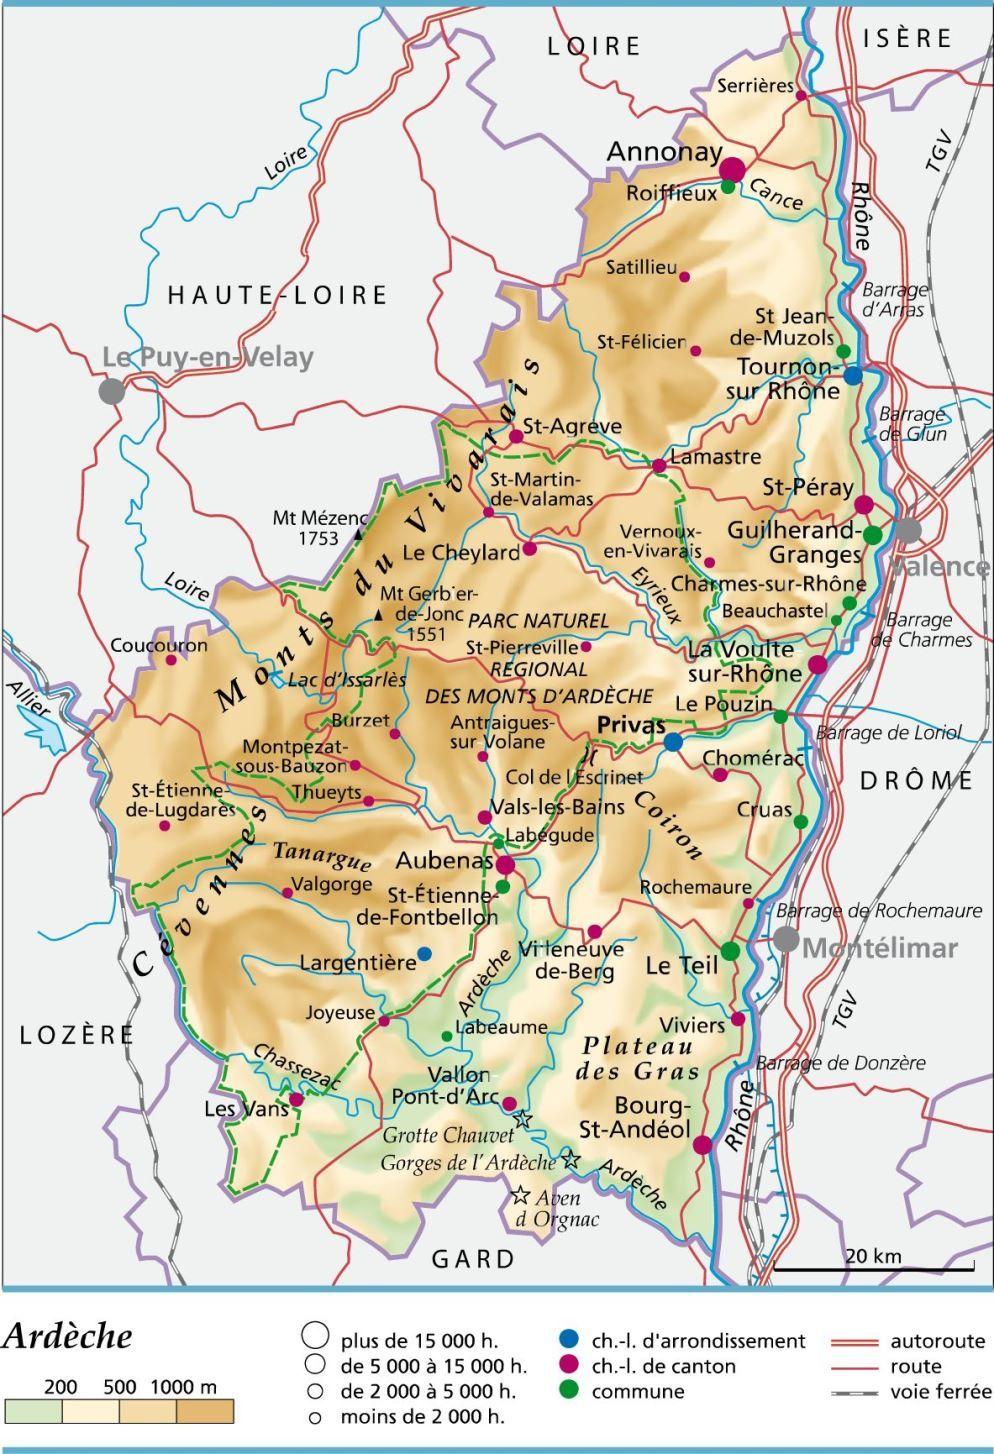 carte de france ardeche Carte de l'Ardèche   Ardèche carte des villes, communes, sites